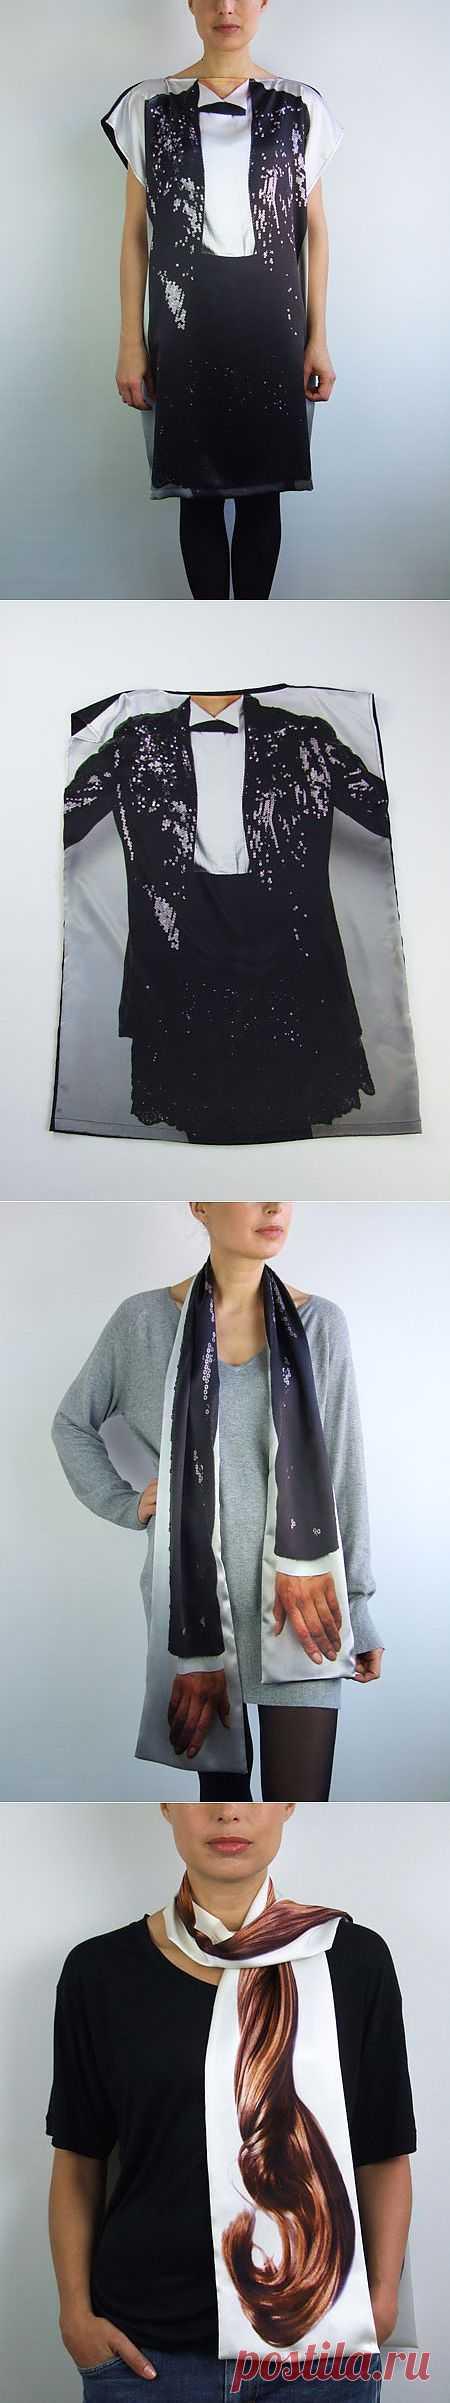 Фотооденемся (трафик) / Рисунки и надписи / Модный сайт о стильной переделке одежды и интерьера